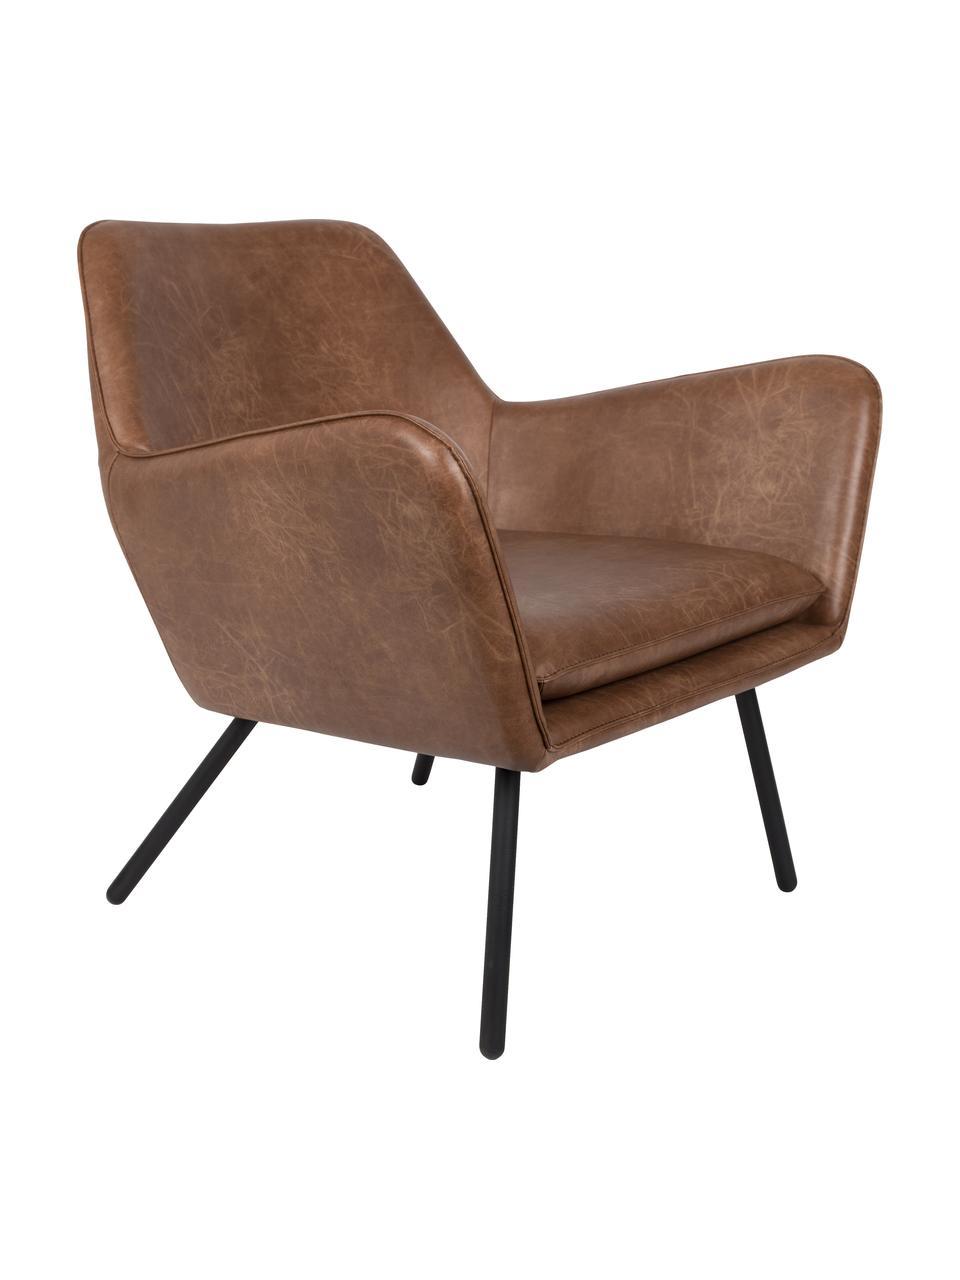 Kunstleren lounge fauteuil Bon in industrieel design, Bekleding: kunstleer (64% polyuretha, Poten: gelakt metaal, Kunstleer bruin, B 80 x D 76 cm